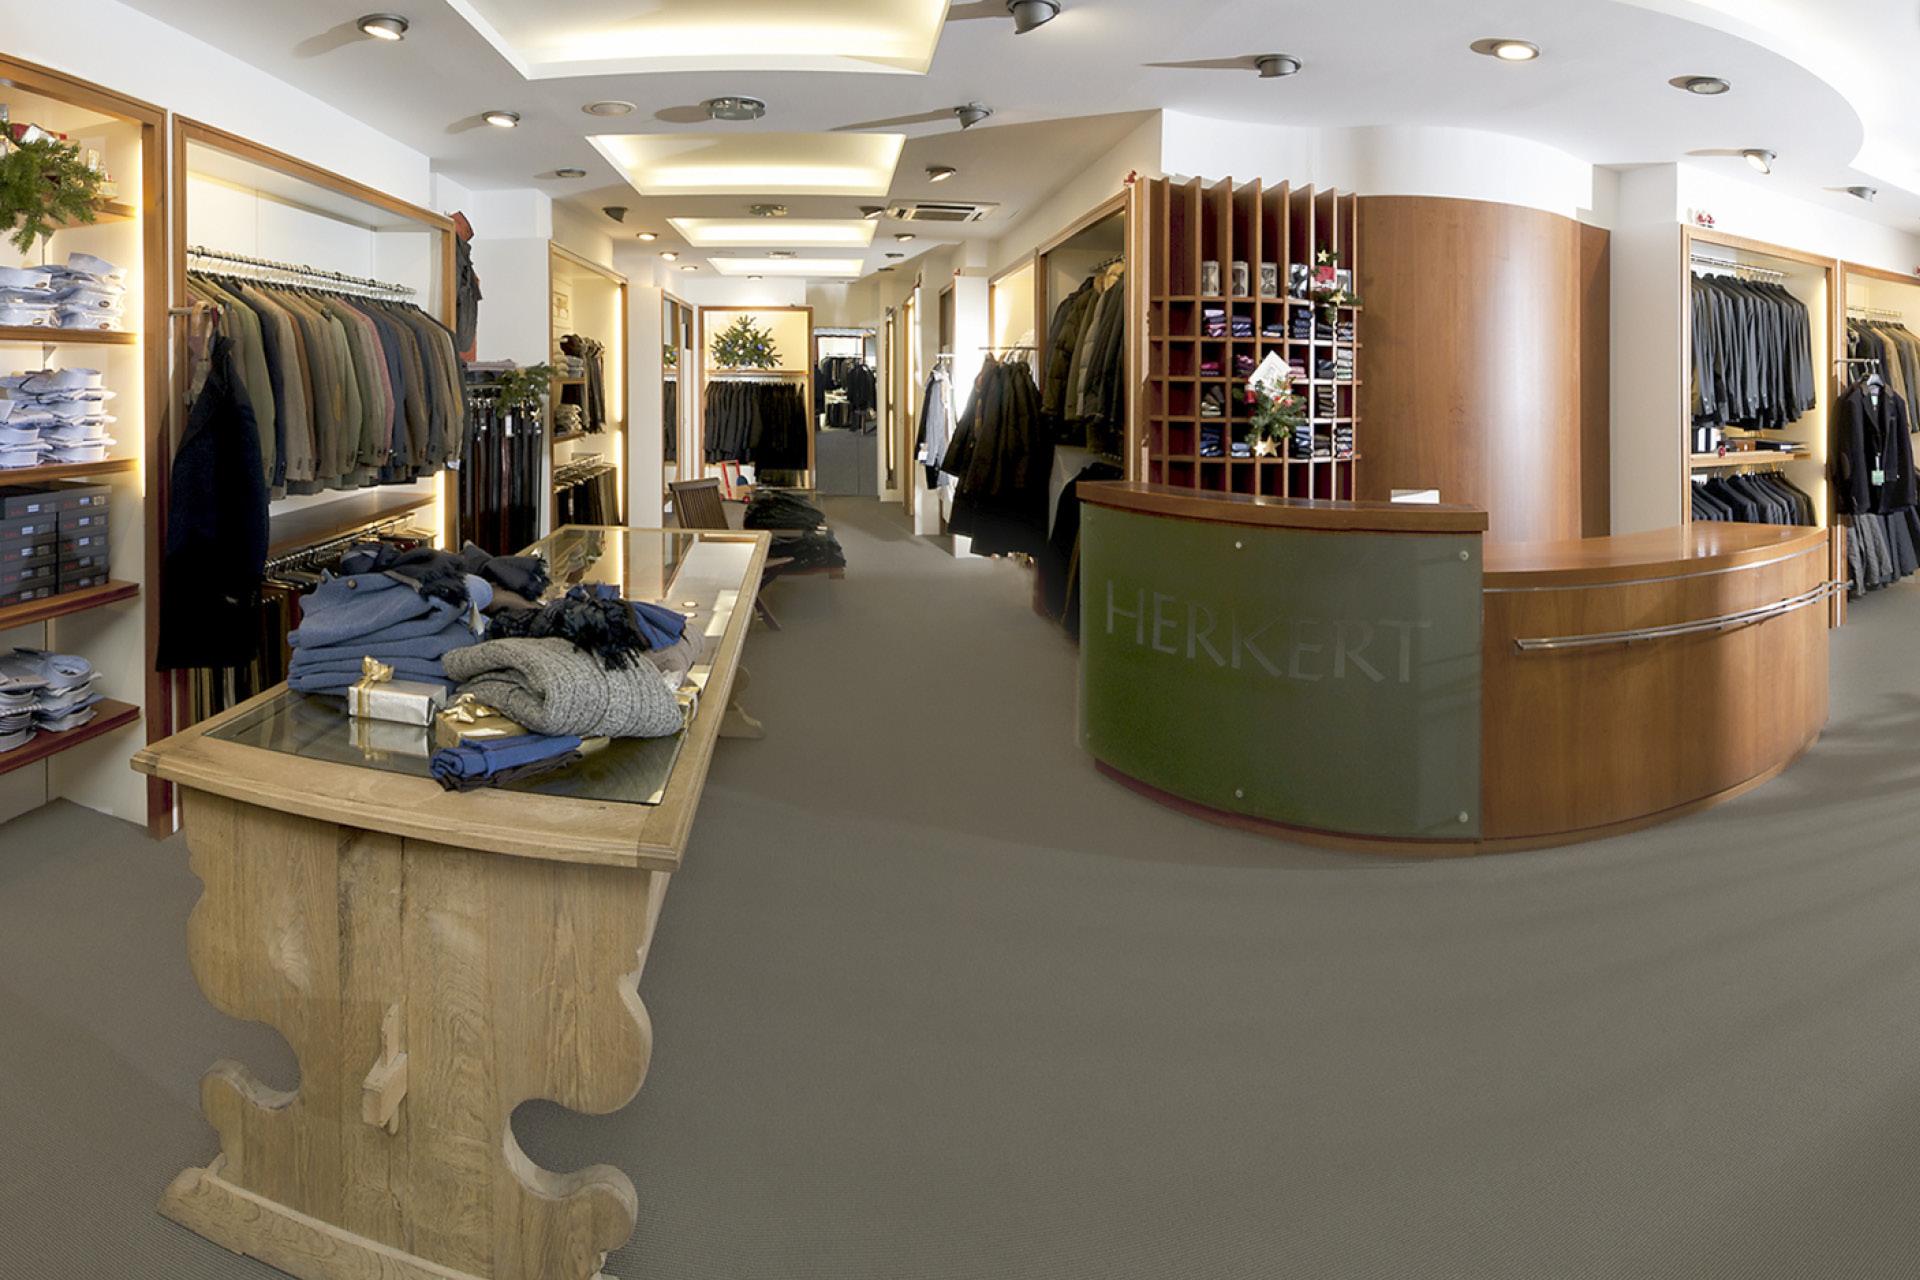 tischlerei-decker-meisterbetrieb-tirol-herkert-shop-interior